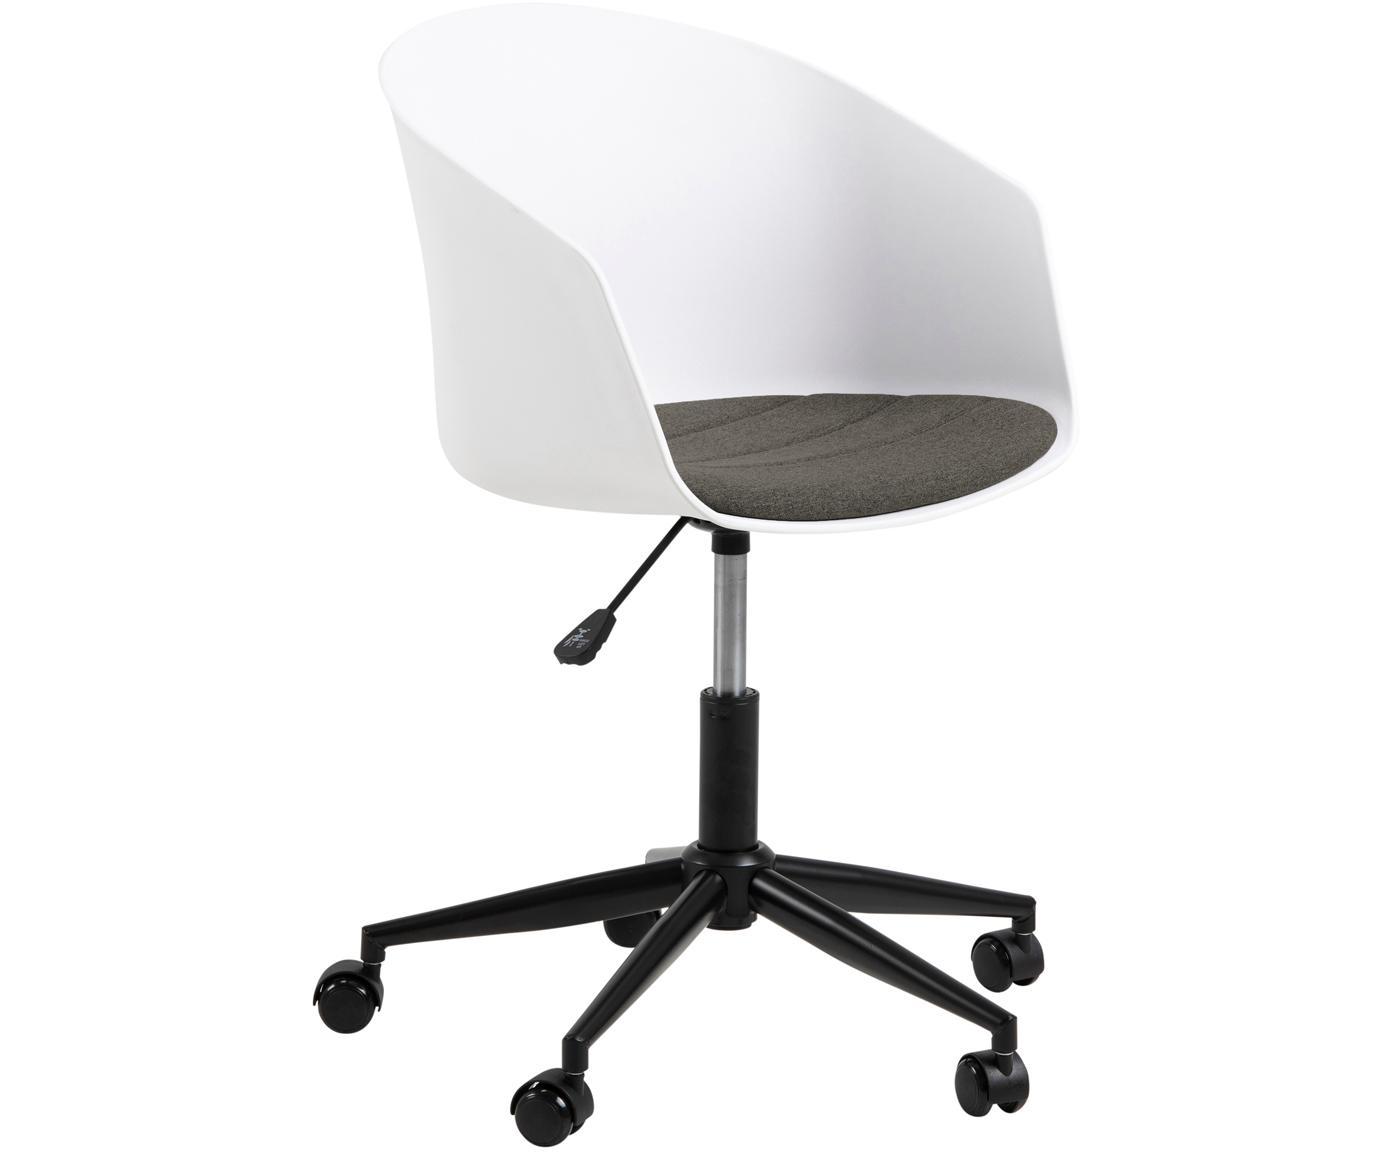 Krzesło biurowe Moon, Polipropylen, tkanina, metal, Biały, ciemny szary, czarny, S 65 x G 65 cm